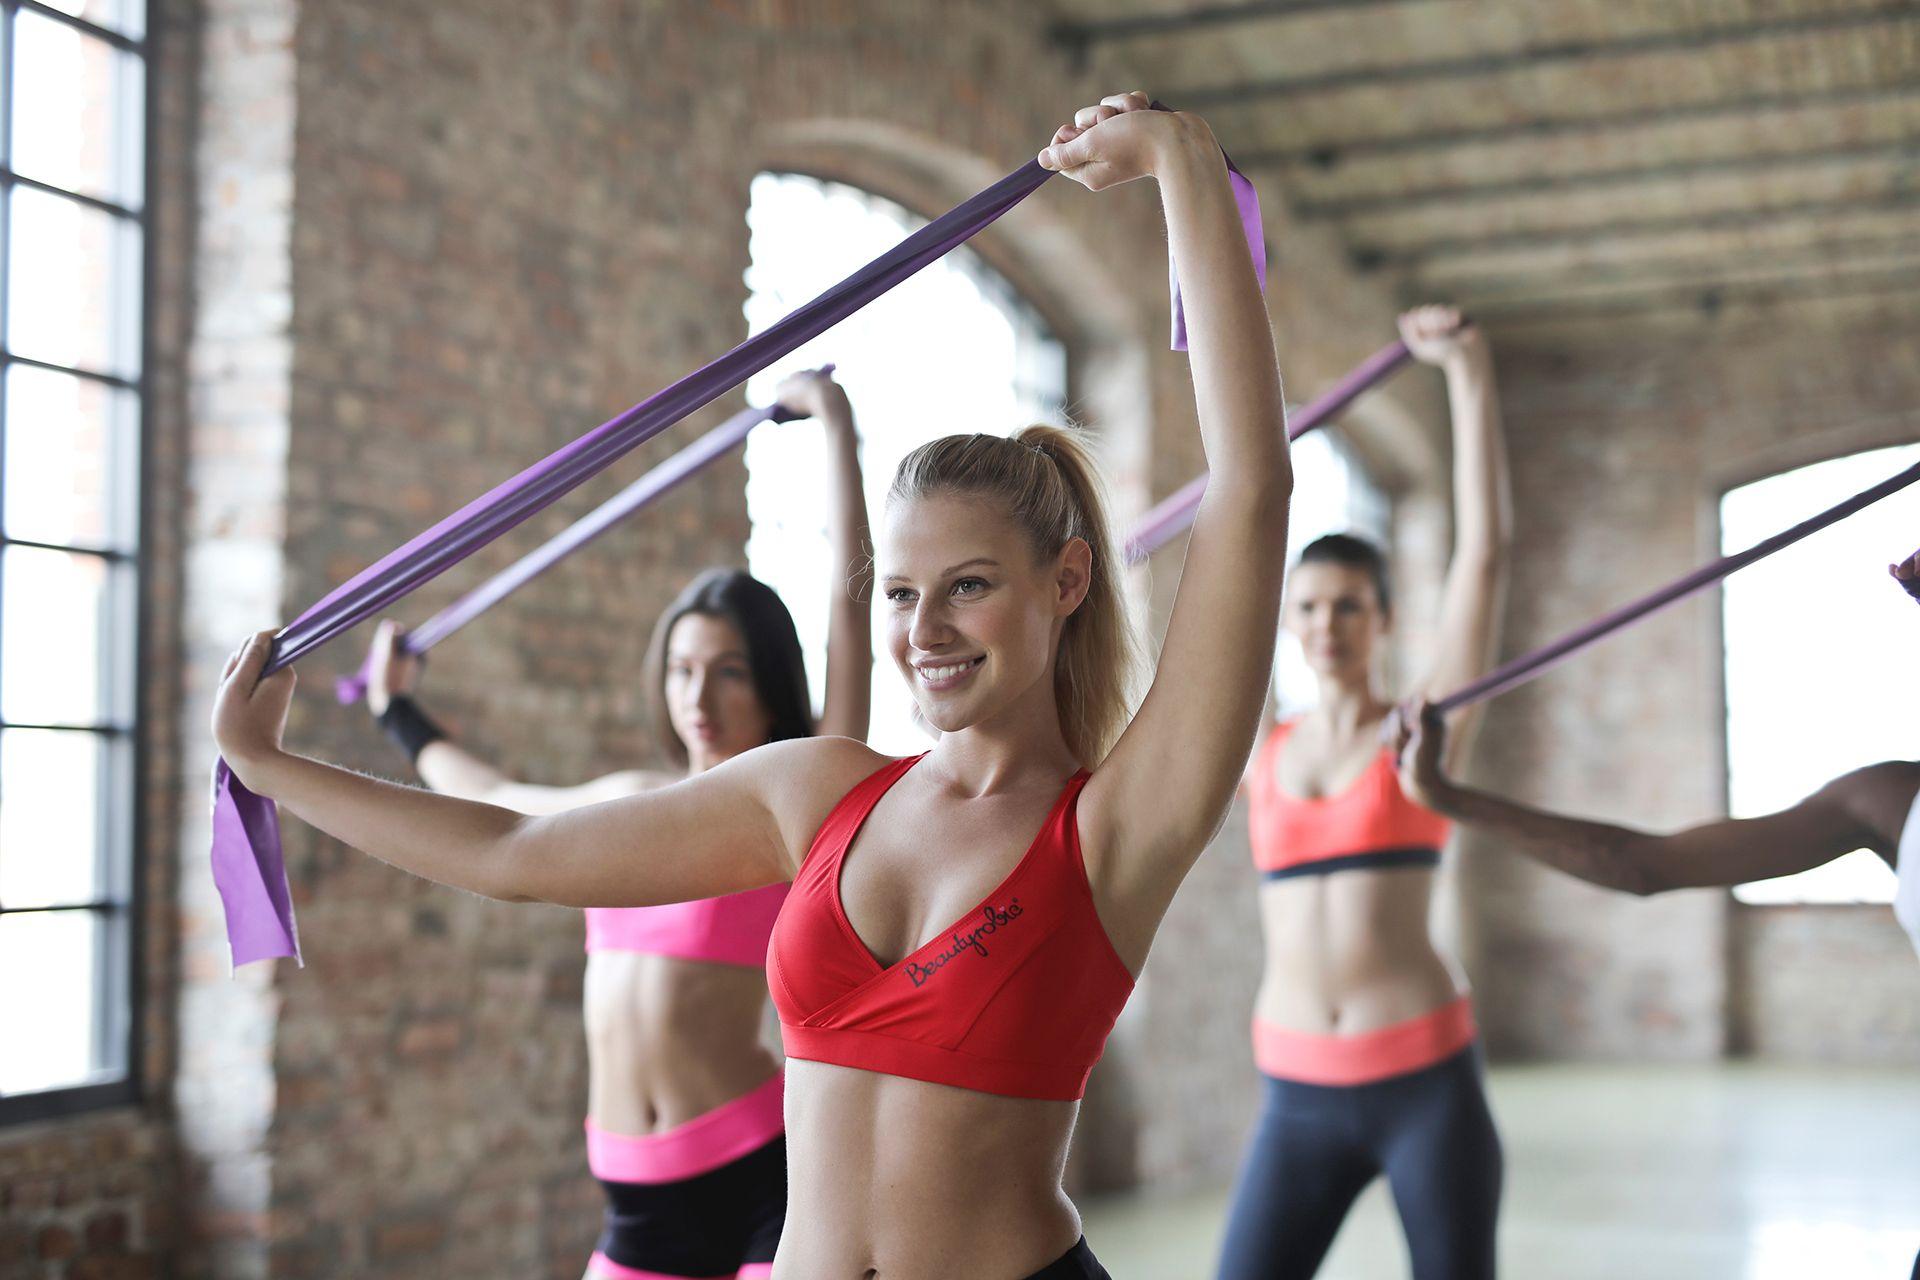 Pilates Übungen mit Kleingeräten und Stretch